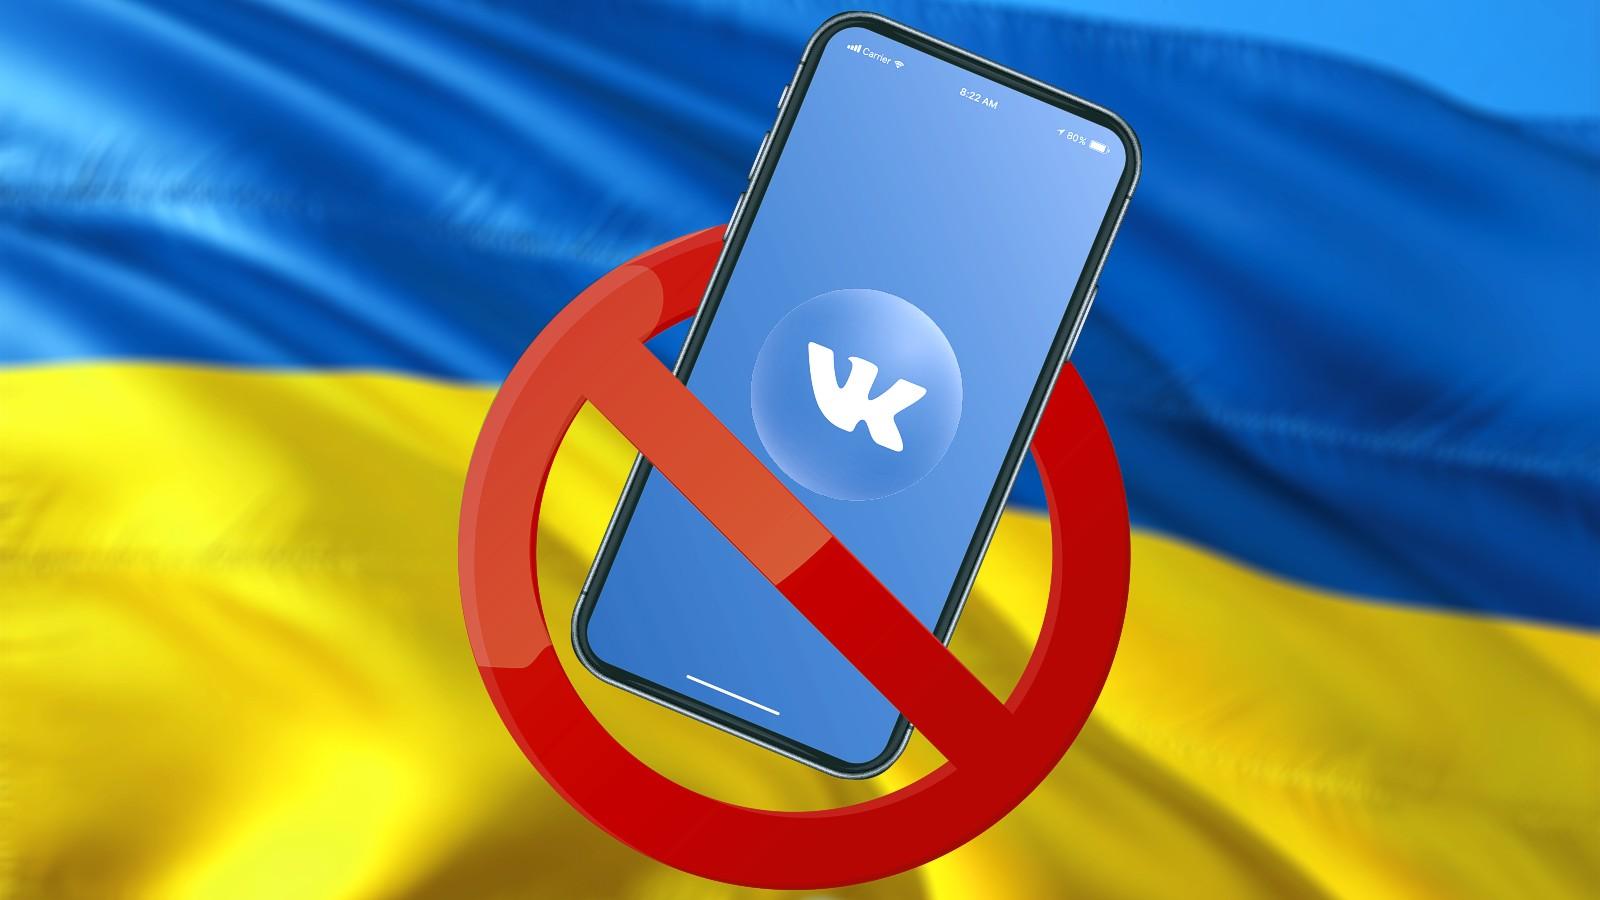 СНБО: Украинских пользователей «ВКонтакте» возьмут на учет